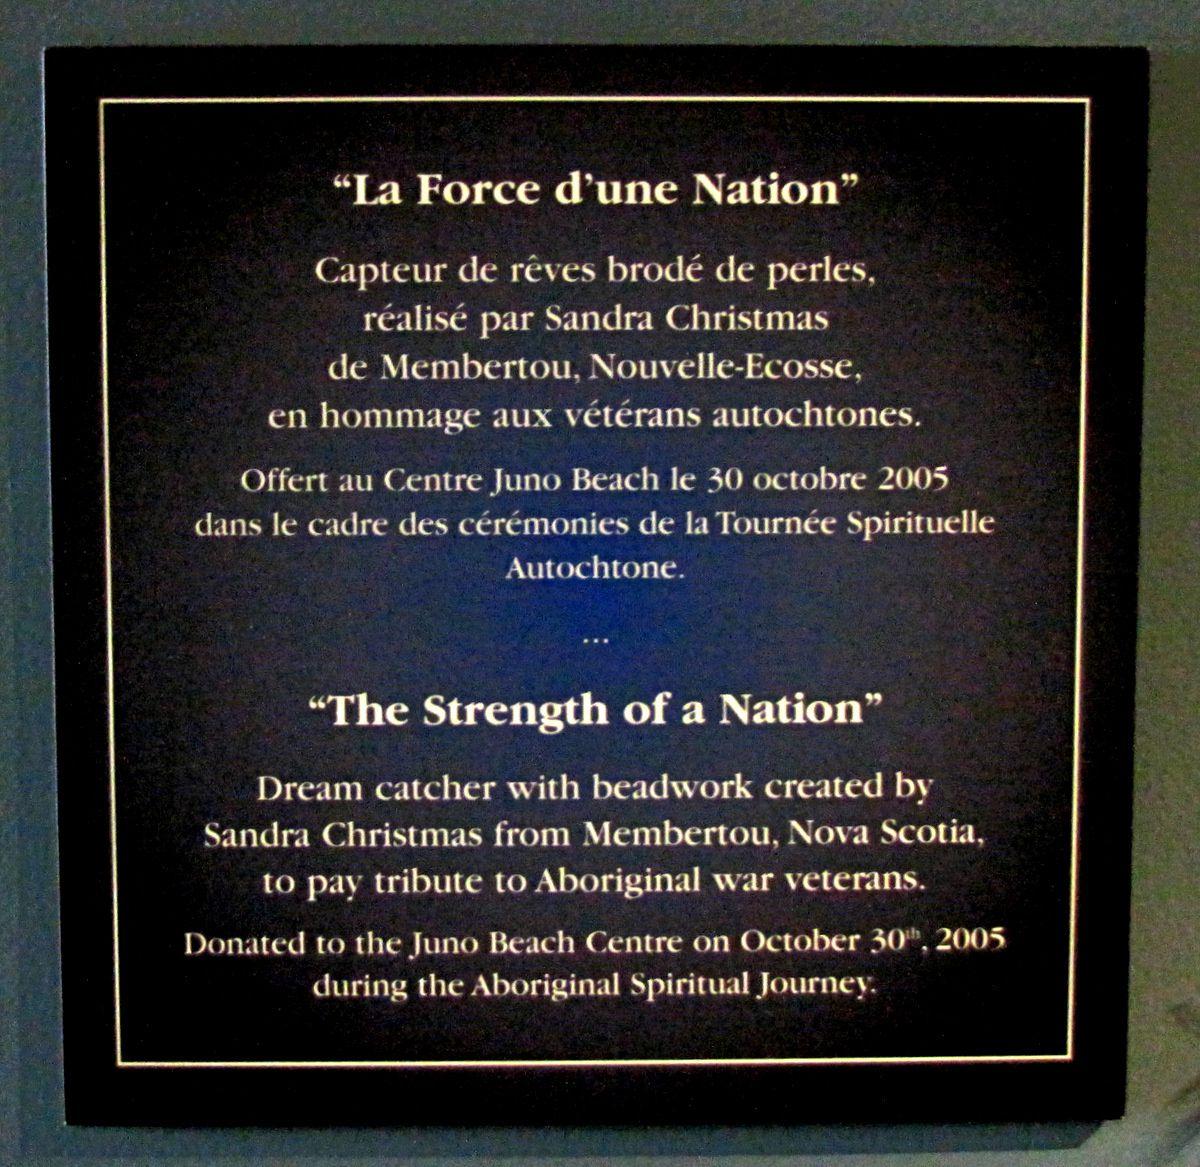 Capteur de rêves 'La Force d'une Nation'